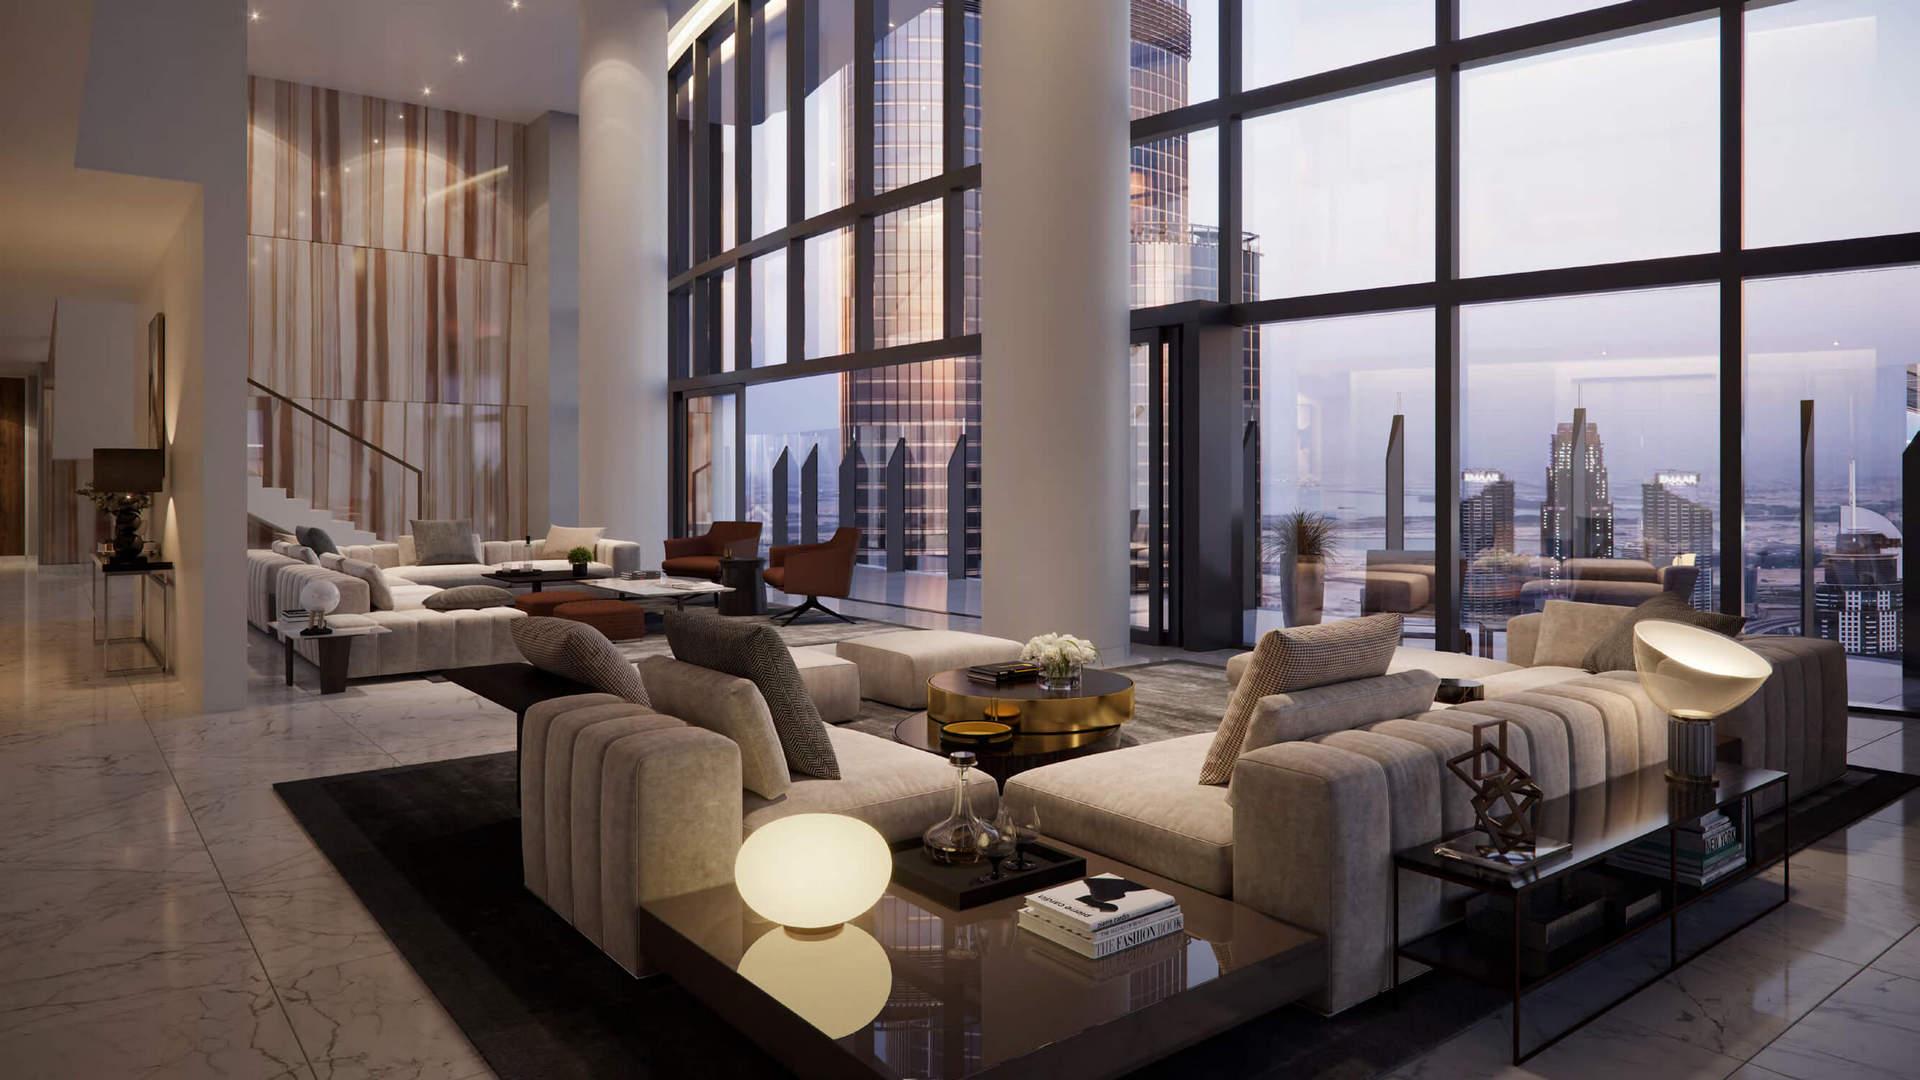 Apartamento en venta en Dubai, EAU, 4 dormitorios, 500 m2, № 24032 – foto 1